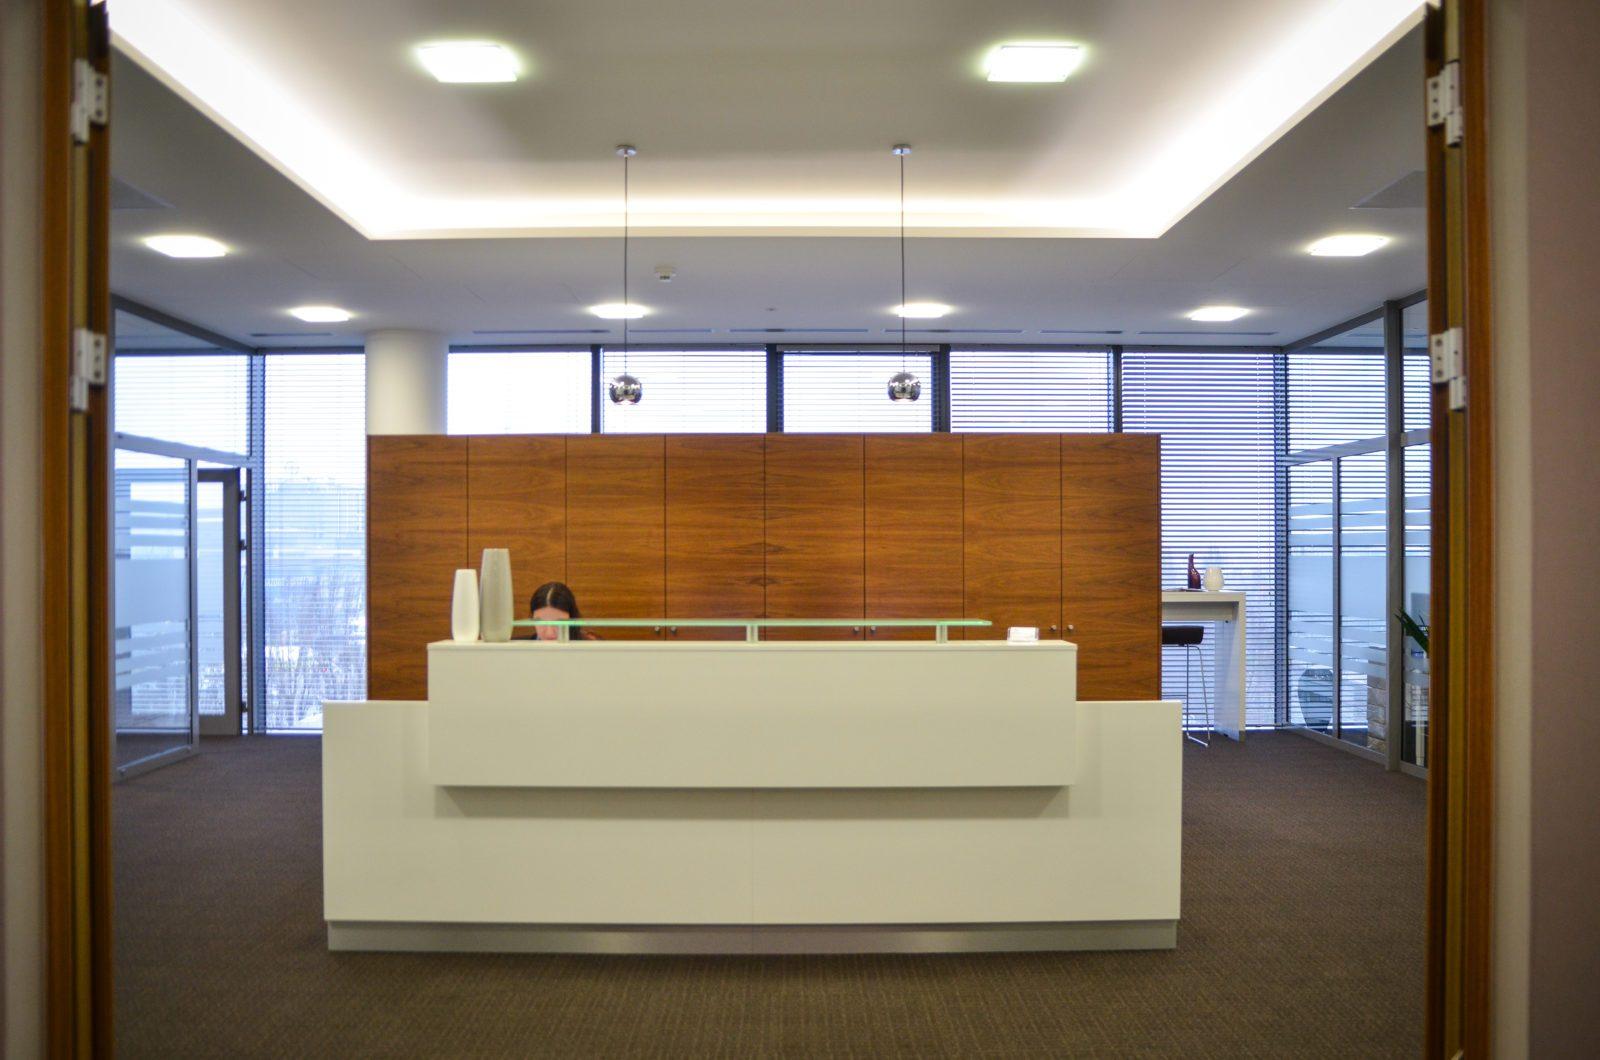 Biuro na miarę XXI wieku!